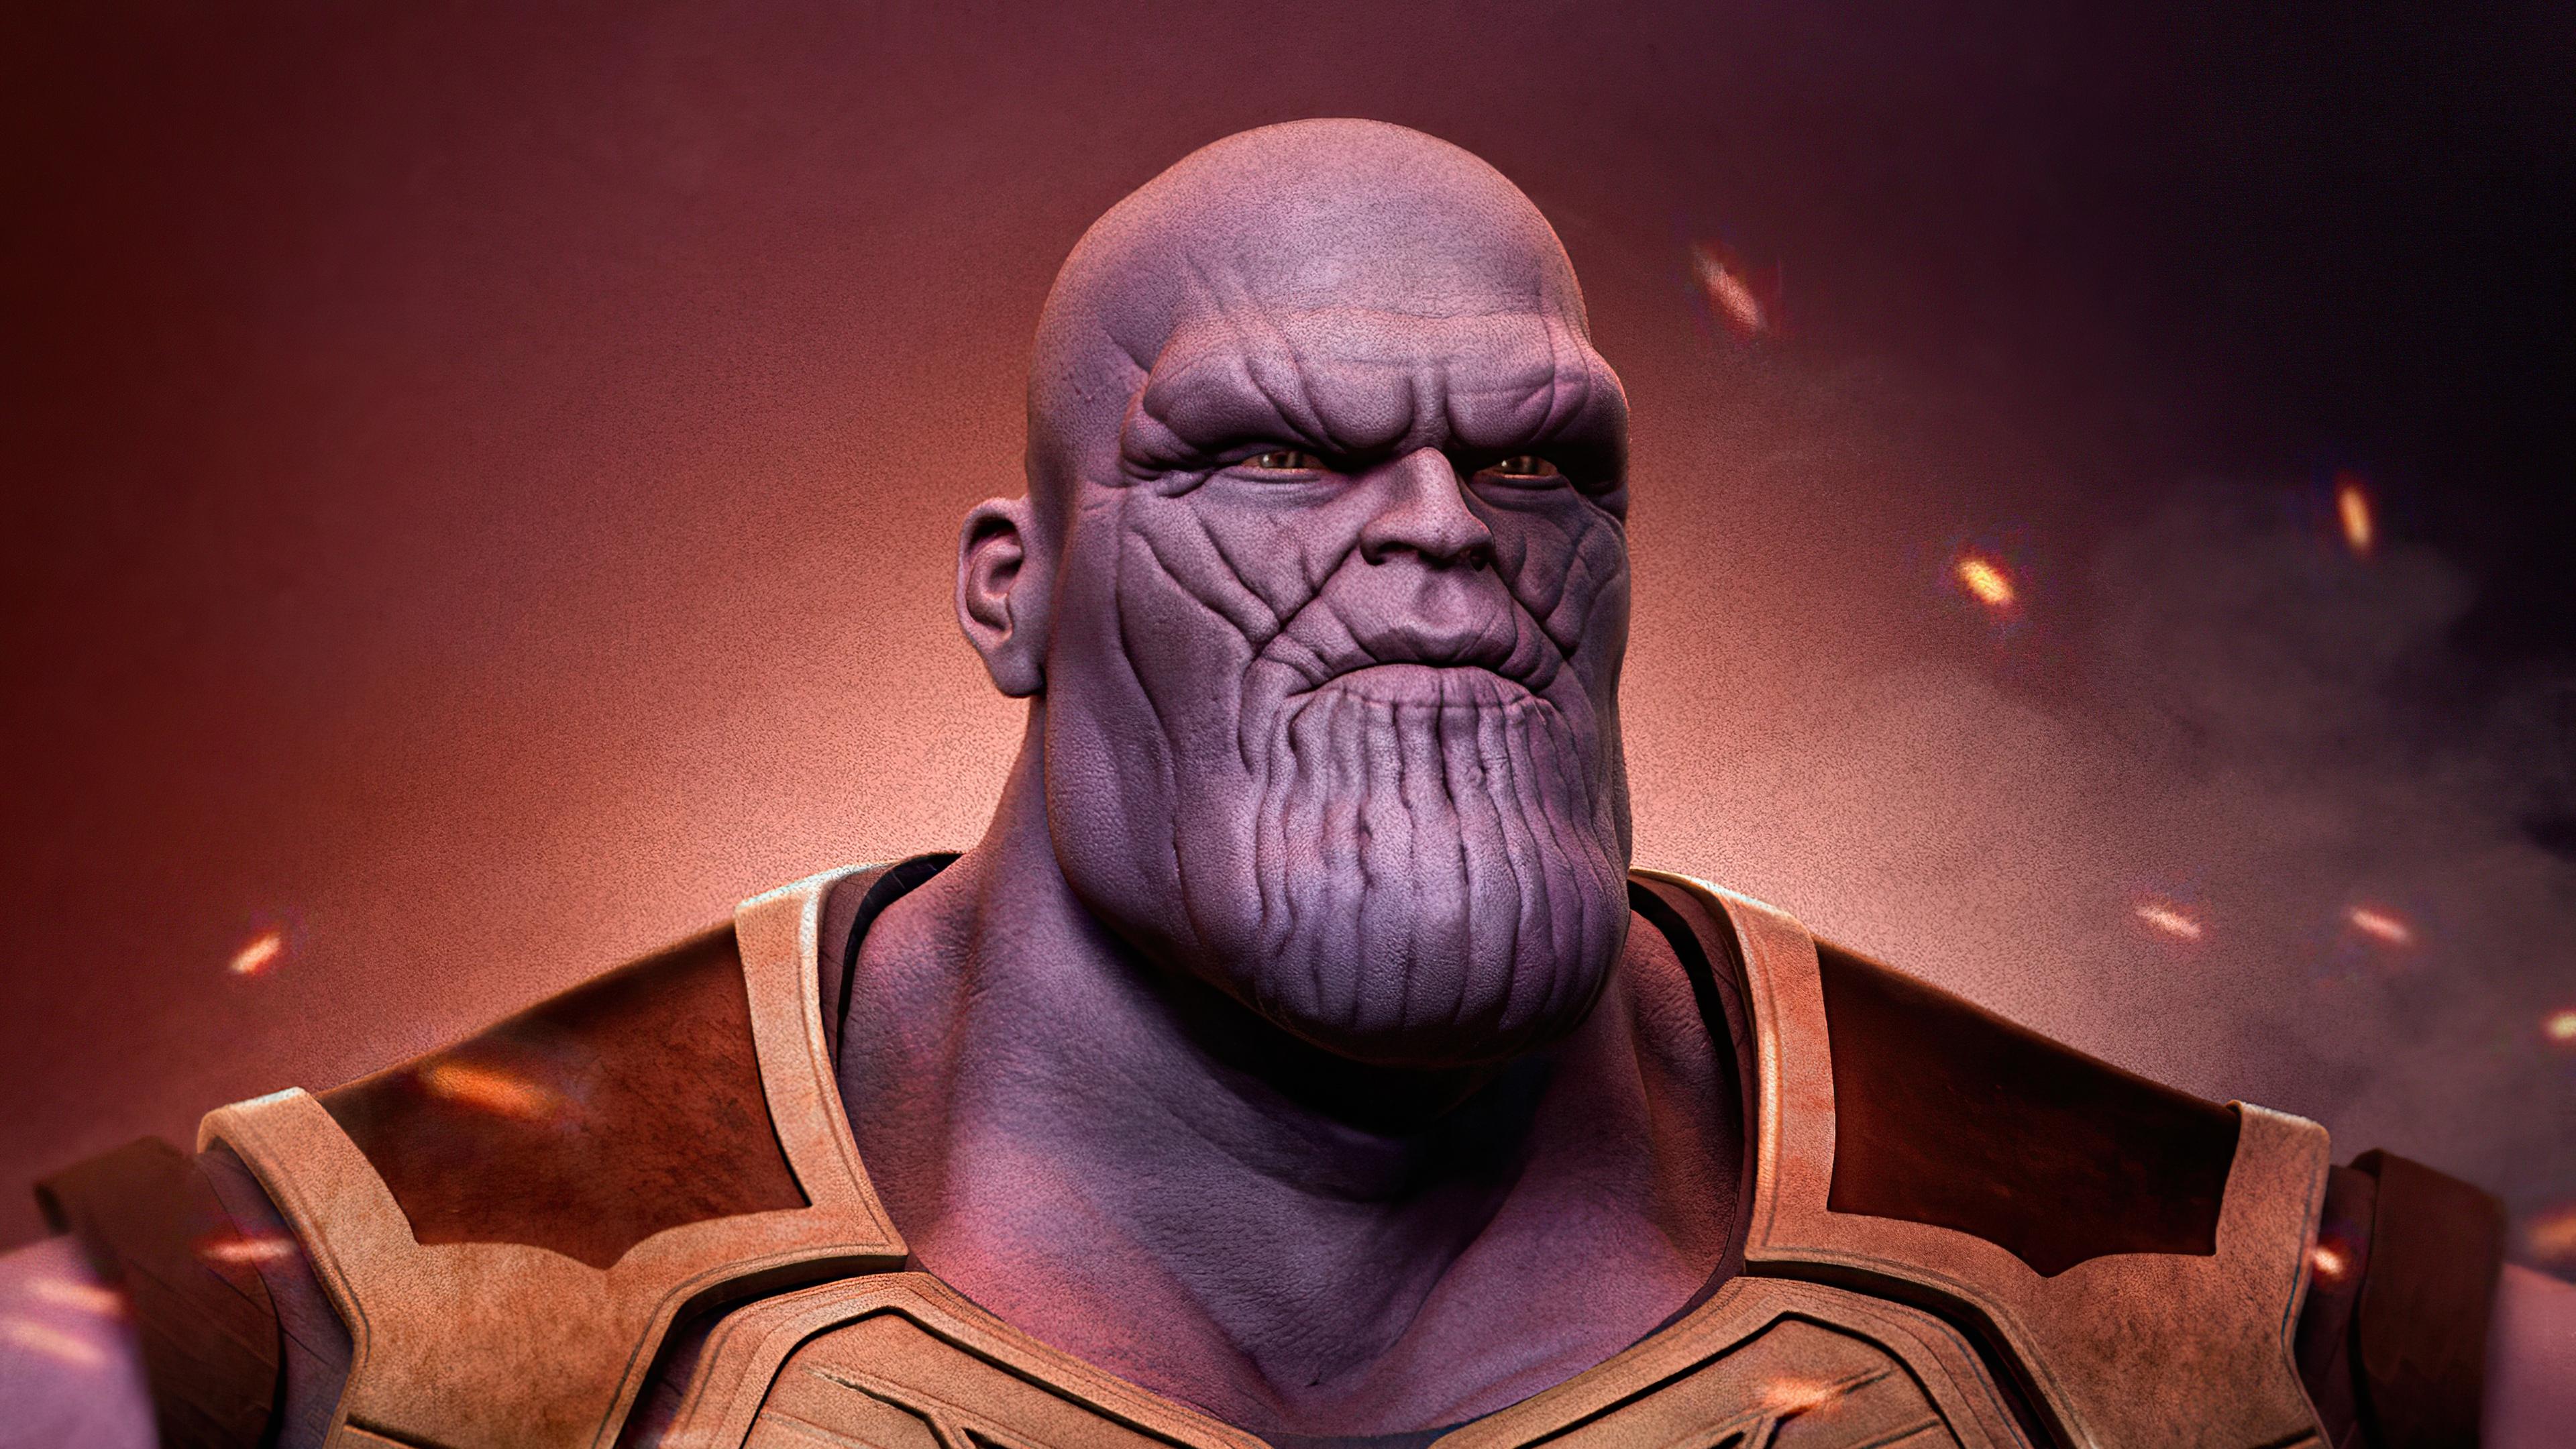 Fondos de pantalla Thanos Fanart 2021